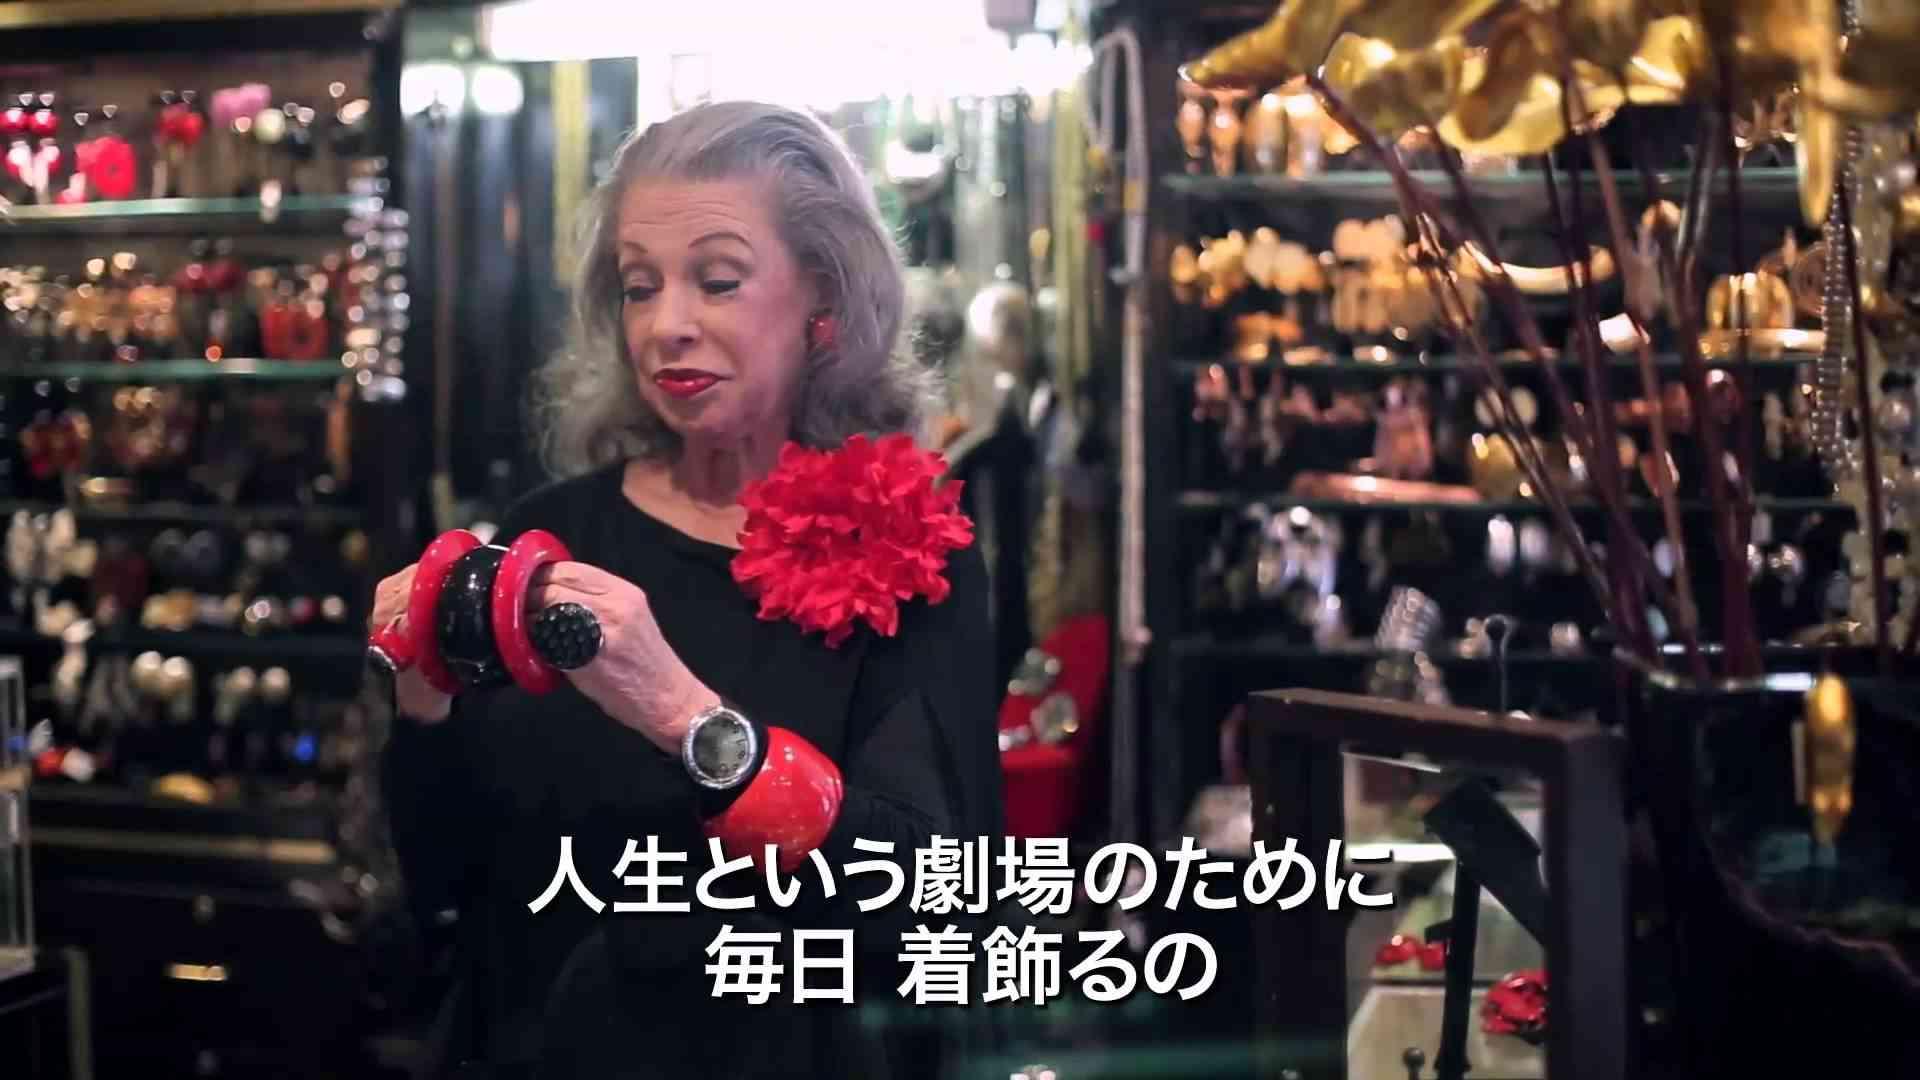 映画『アドバンスト・スタイル そのファッションが、人生』予告編 - YouTube